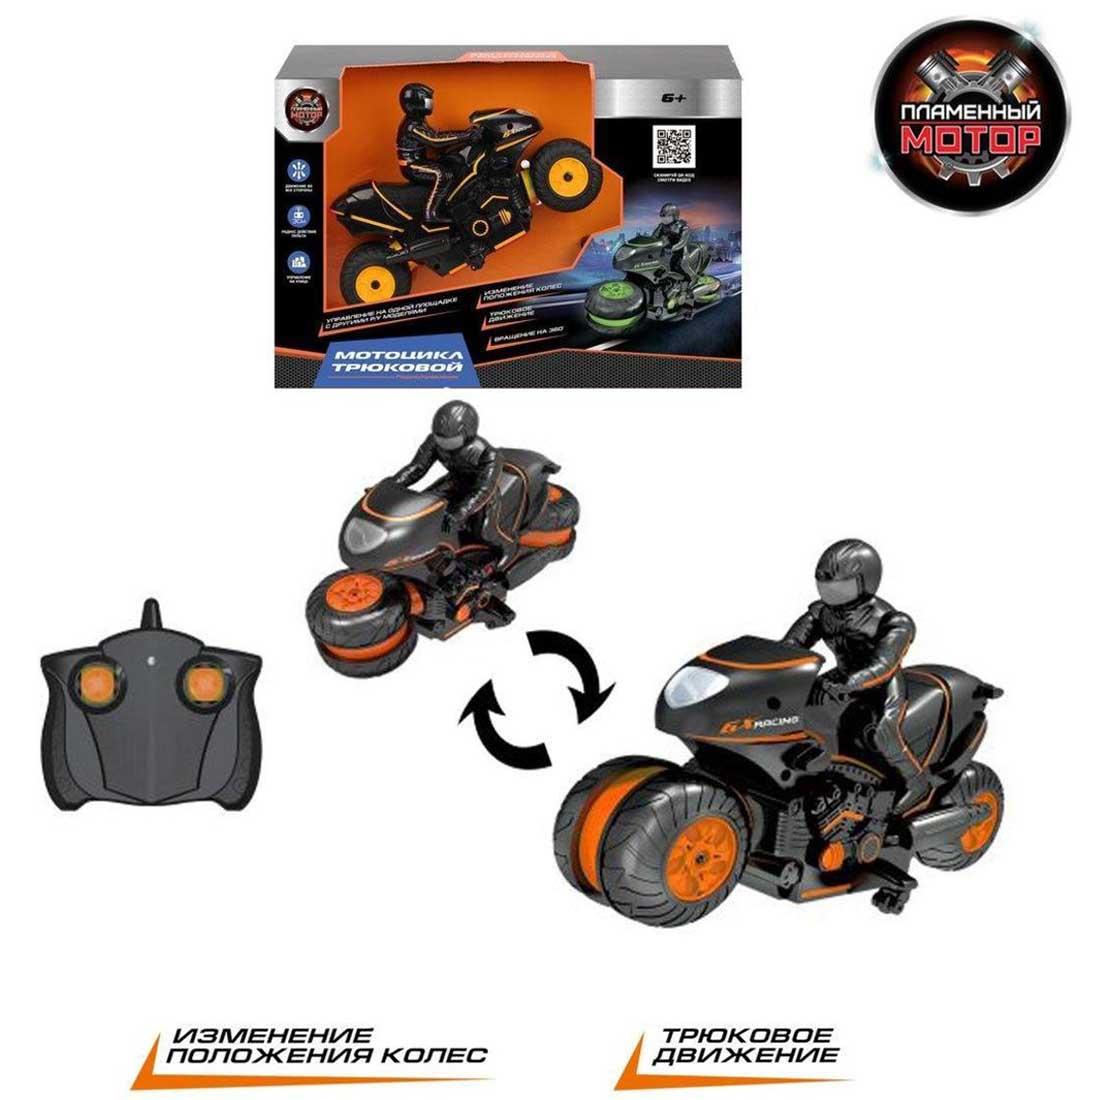 870457 Мотоцикл р/у Трюковой, аккум, разворот колес, движение боком